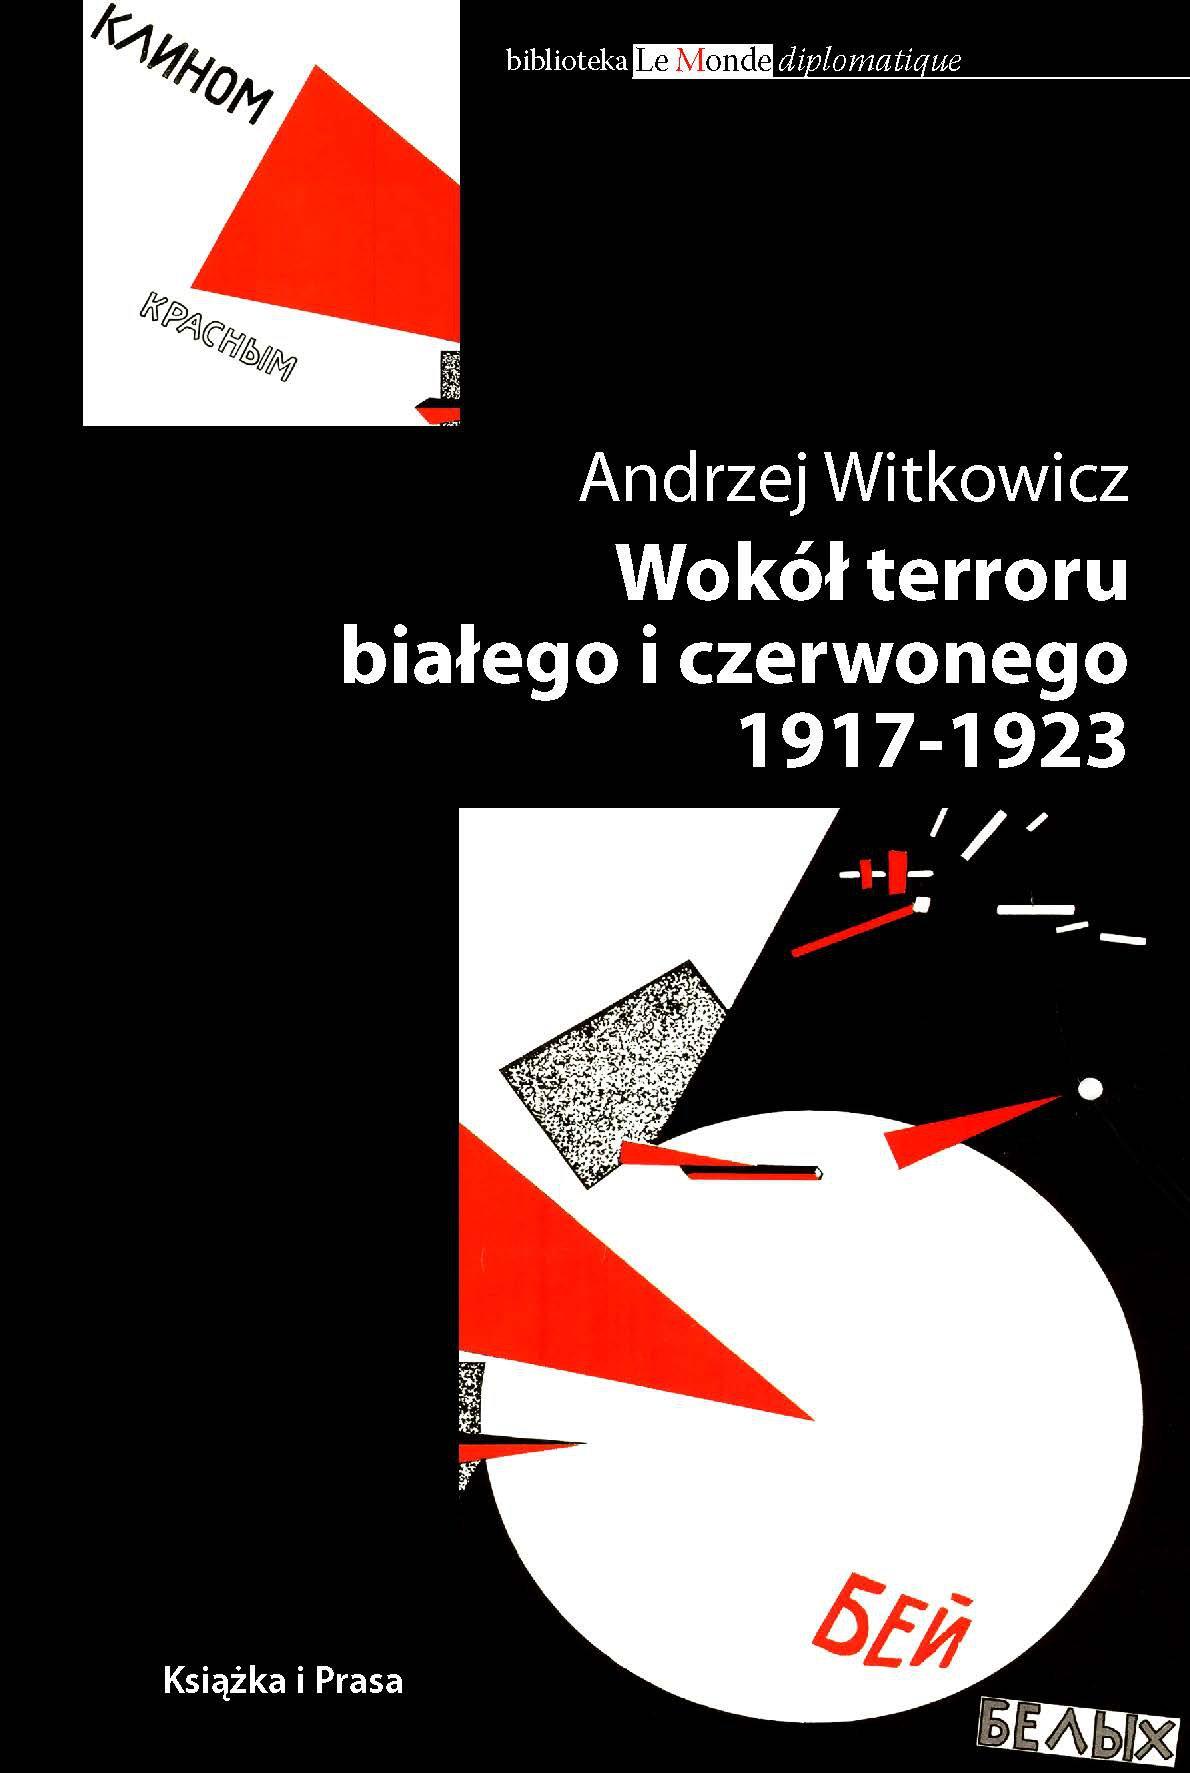 Wokół terroru białego i czerwonego 1917-1923 - Ebook (Książka na Kindle) do pobrania w formacie MOBI